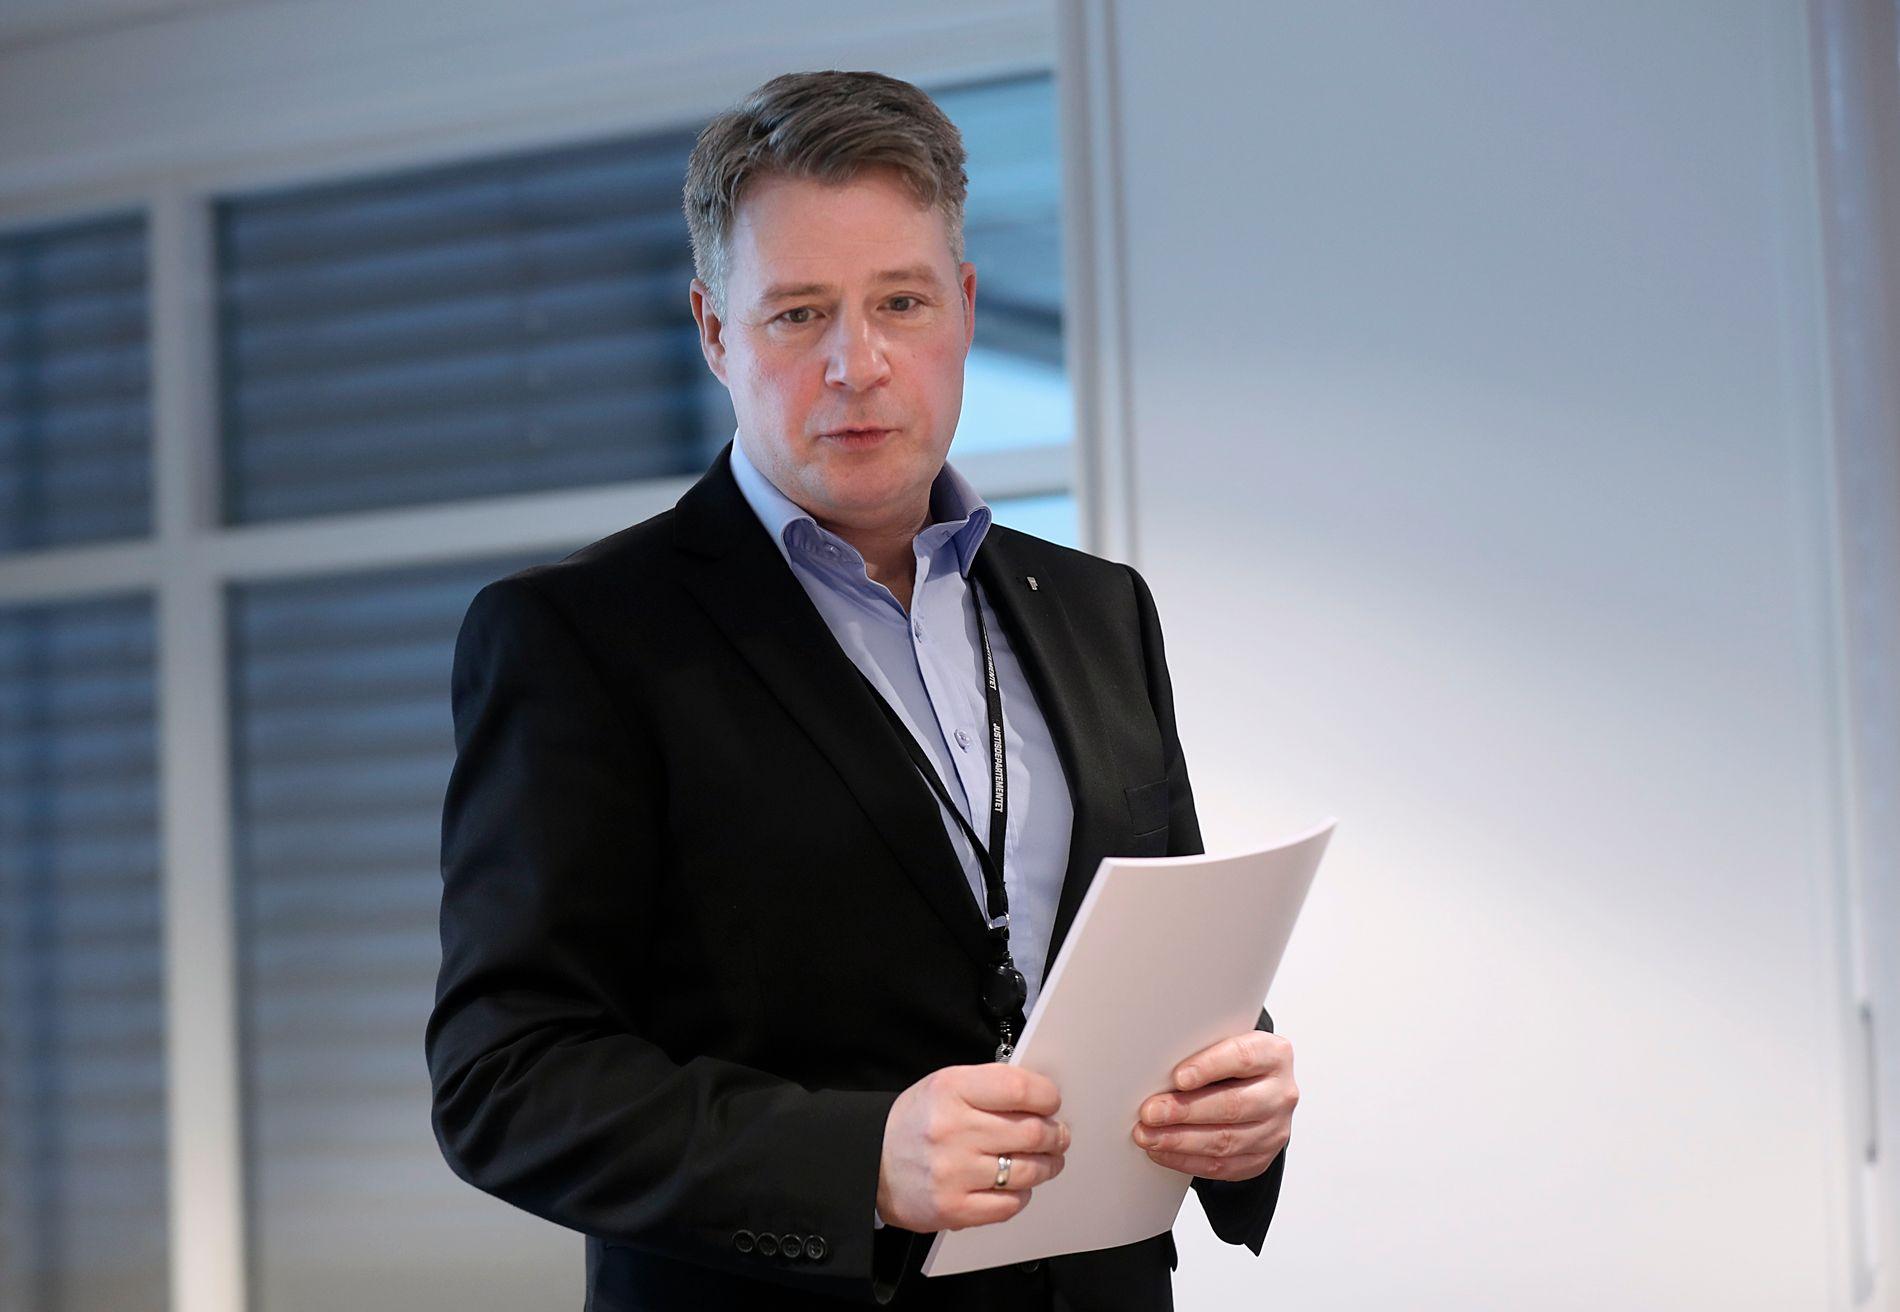 TUNG KRITIKK: Ti landsledende eksperter på rettspsykiatri har kritisert regjeringens forslag til nye utilregnelighetsregler. Justisminister Per-Willy Amundsen (Frp) svarer med at kritikken er preget av tradisjonstro tenking.